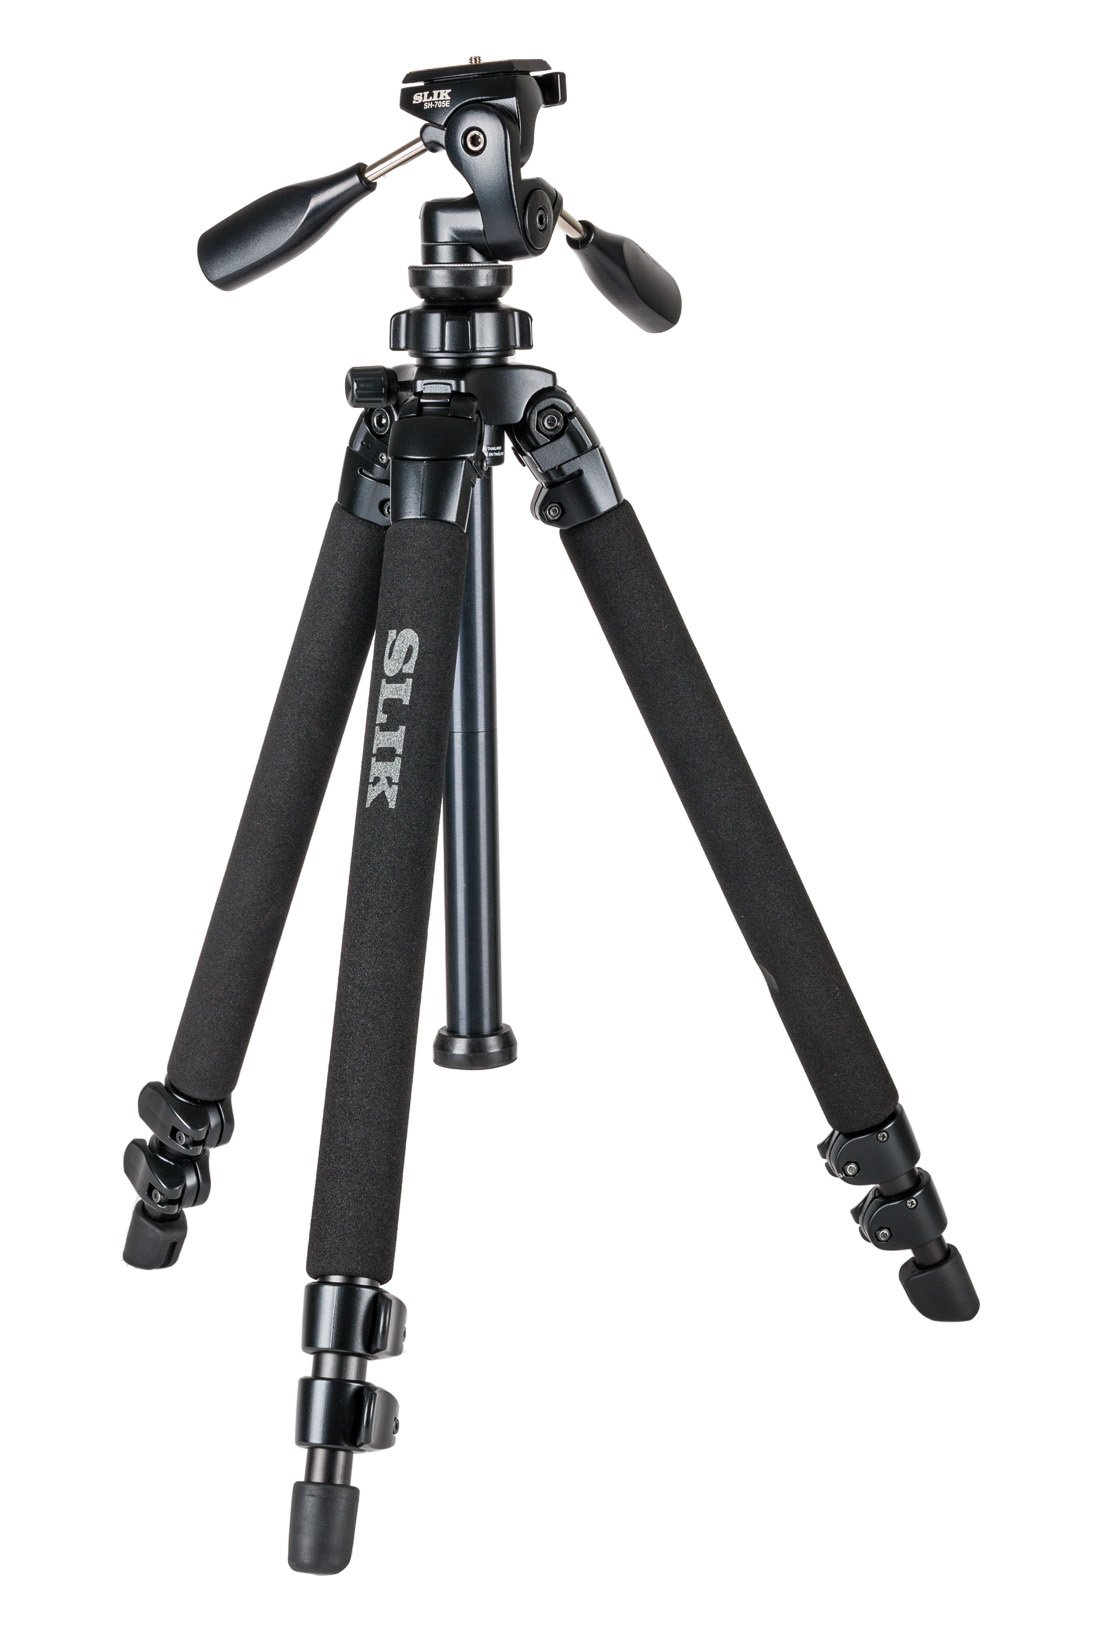 SLIK Pro 400DX Tripod Legs - with 3-Way Pan/Tilt Quick Release Head, Black (615-400) by Slik